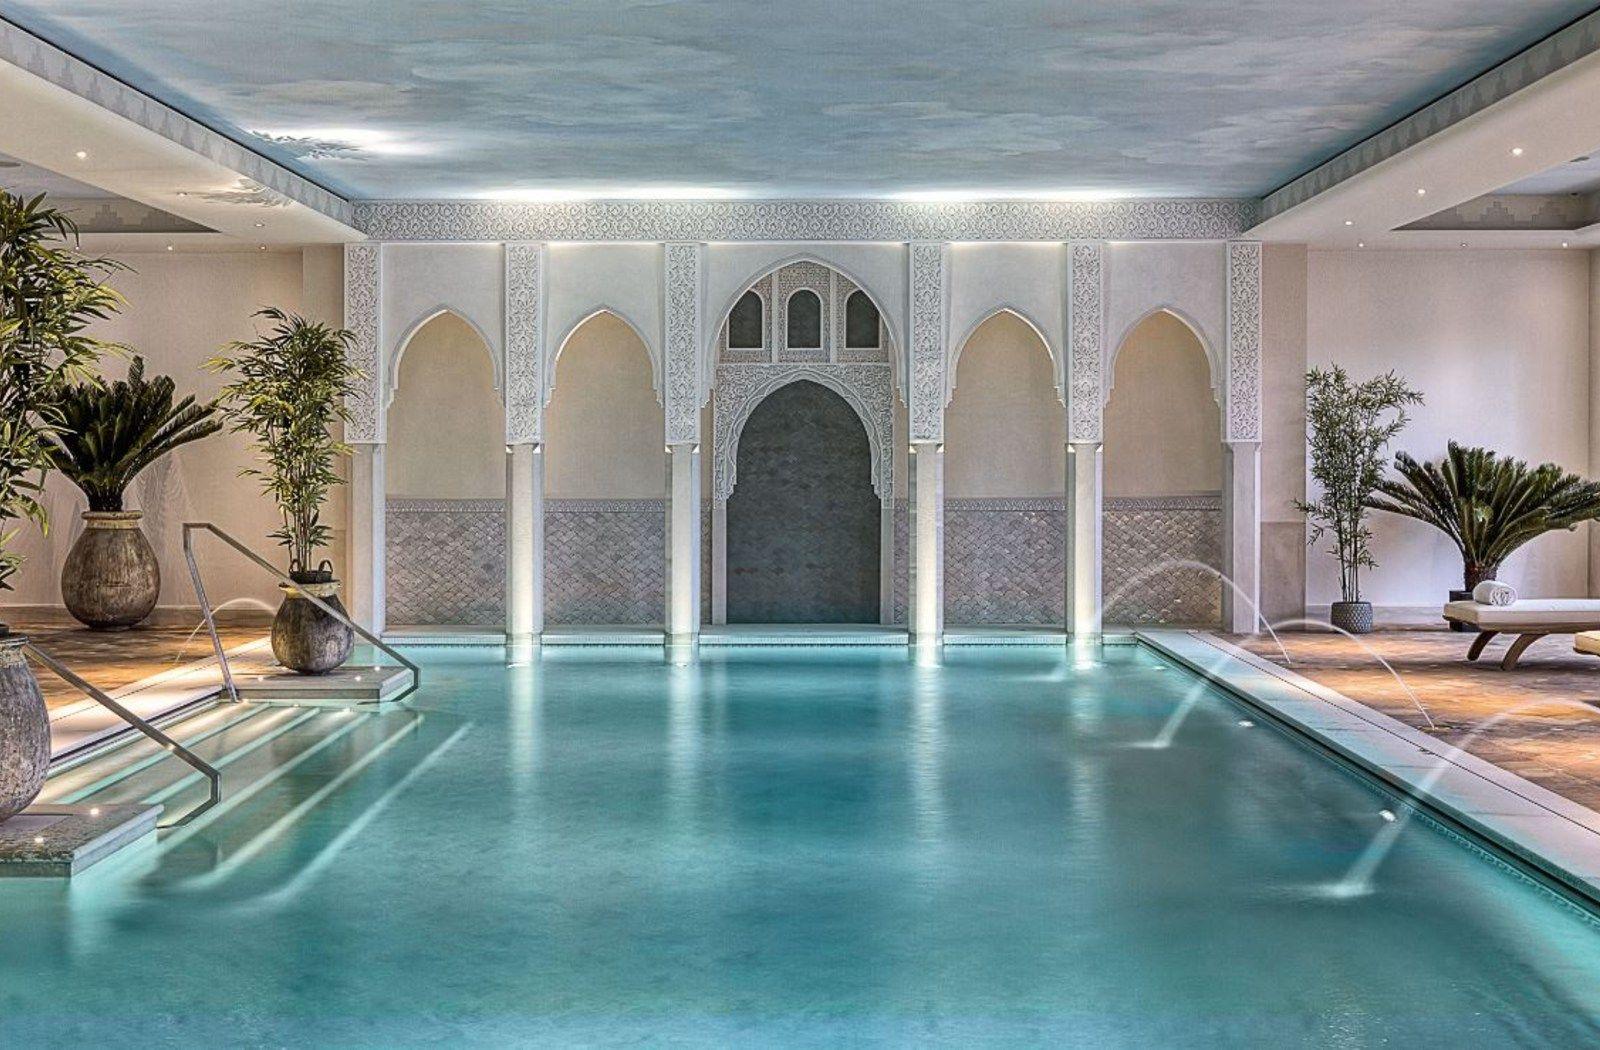 Spa milano palazzo parigi luxury pools for Design hotel parigi